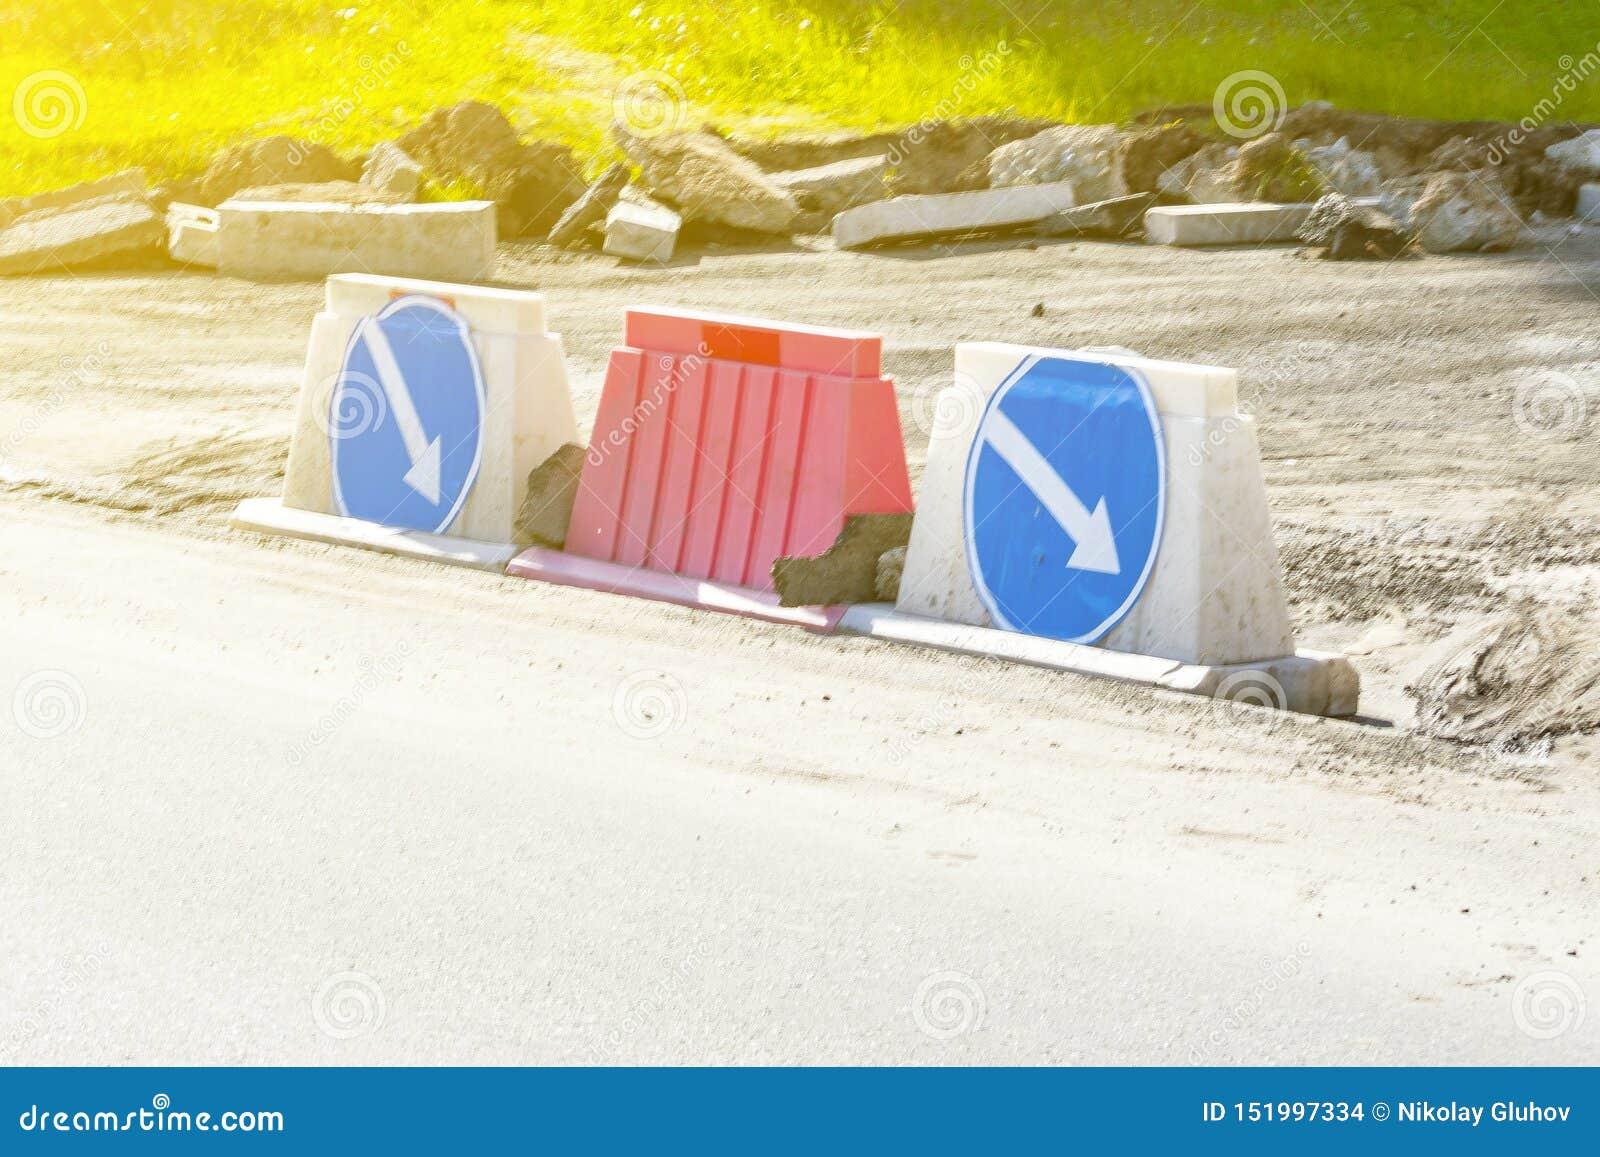 Sovrapposizioni delle bitte della strada e segnali stradali di plastica con le frecce su un fondo blu - deviazione alla destra